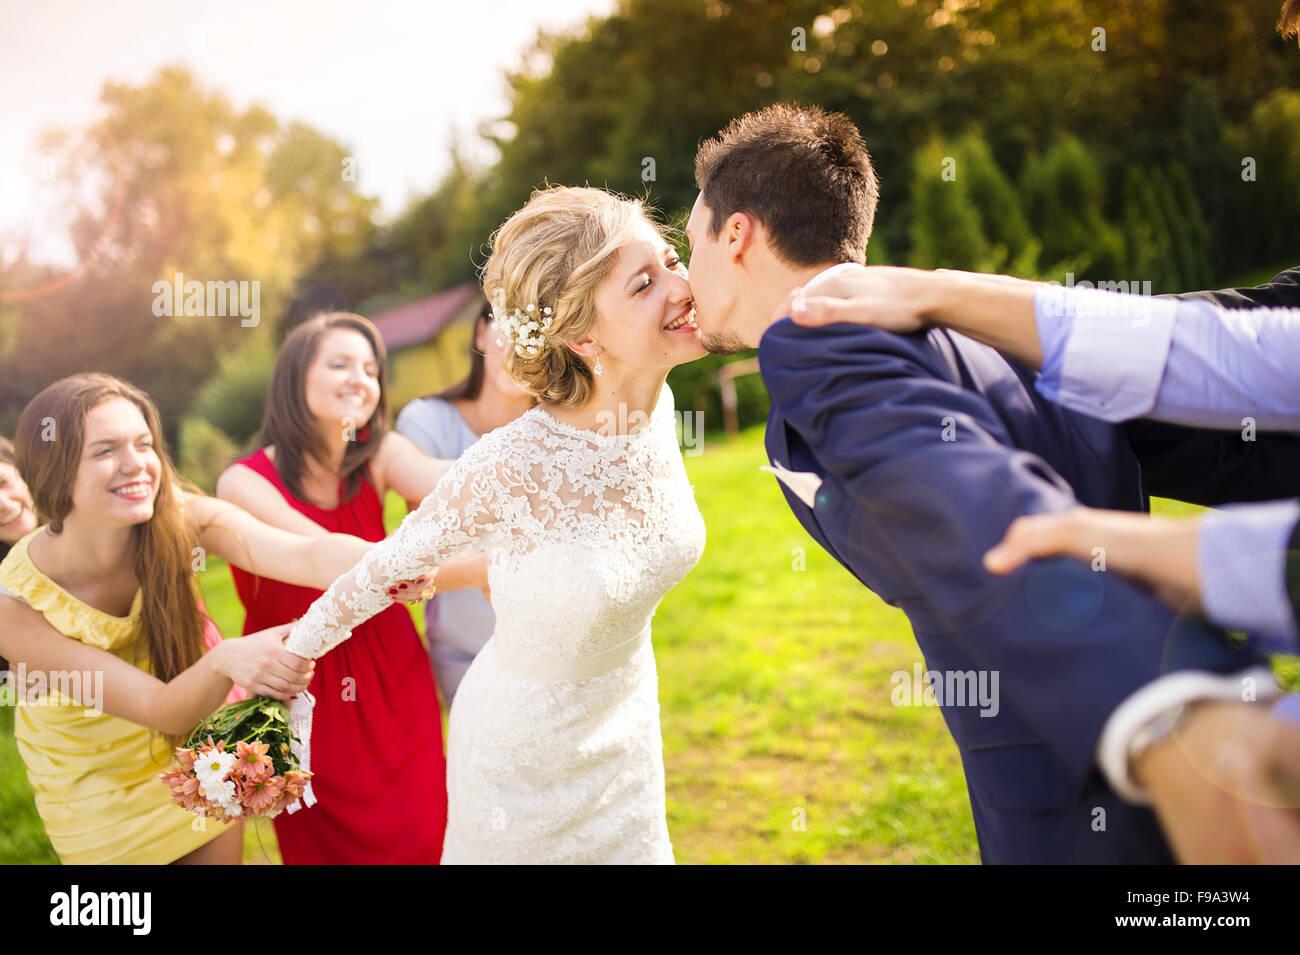 Funny portrait de senior couple kissing, demoiselles et garçons d'honneur les tirant loin en vert sunny Photo Stock